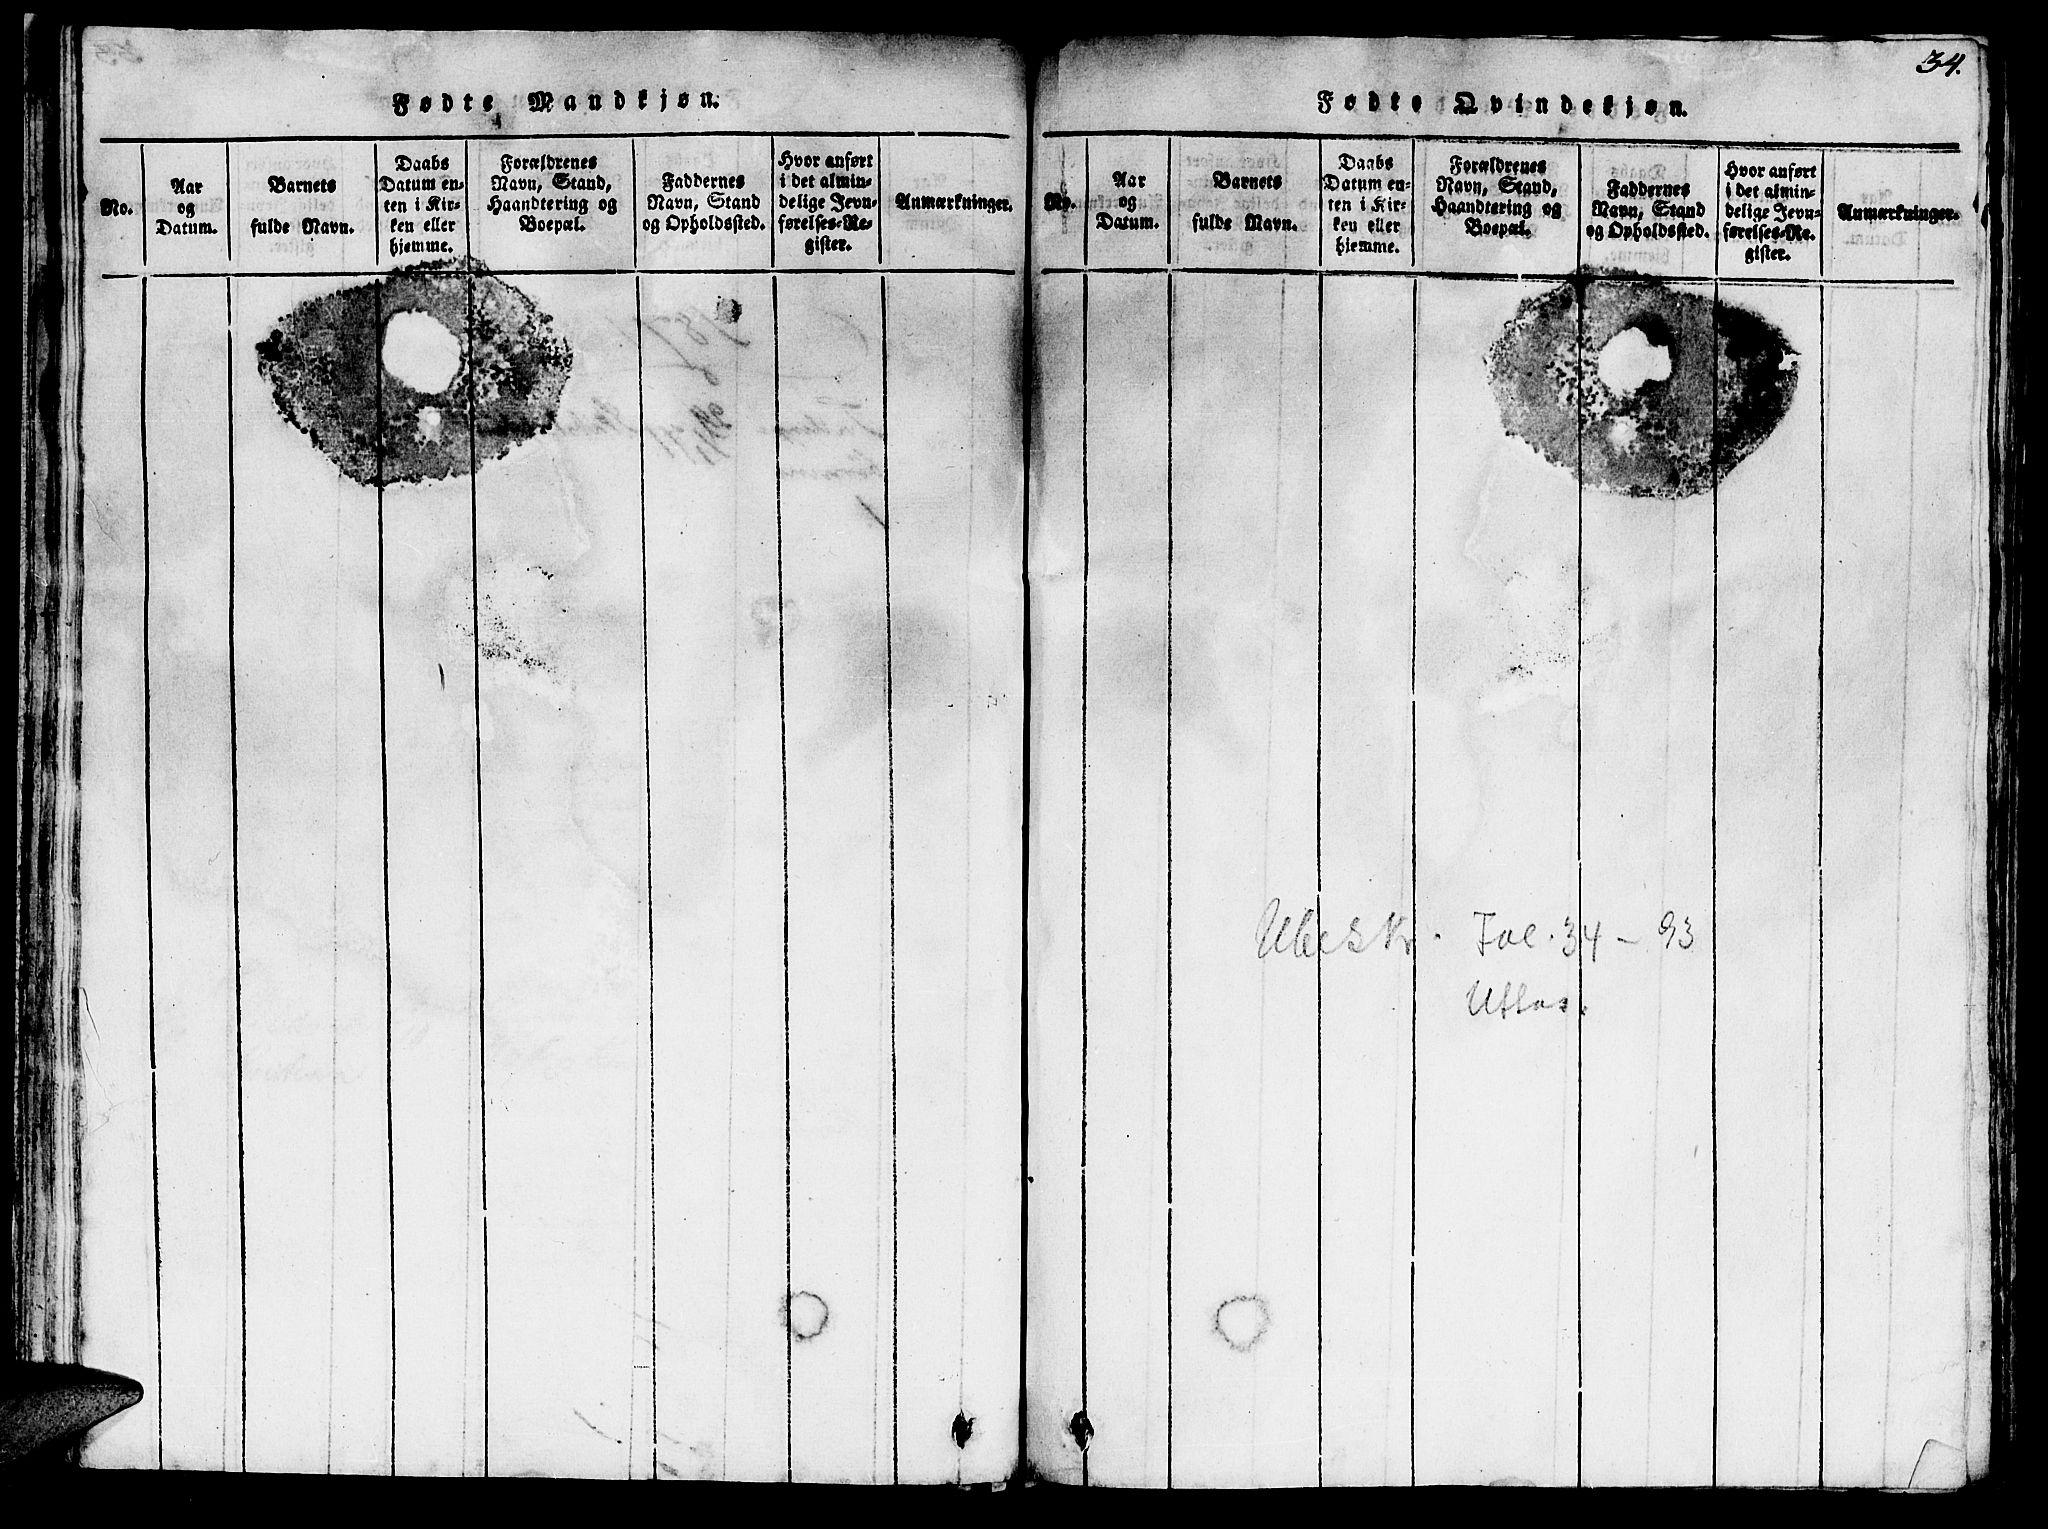 SAT, Ministerialprotokoller, klokkerbøker og fødselsregistre - Sør-Trøndelag, 623/L0478: Klokkerbok nr. 623C01, 1815-1873, s. 34